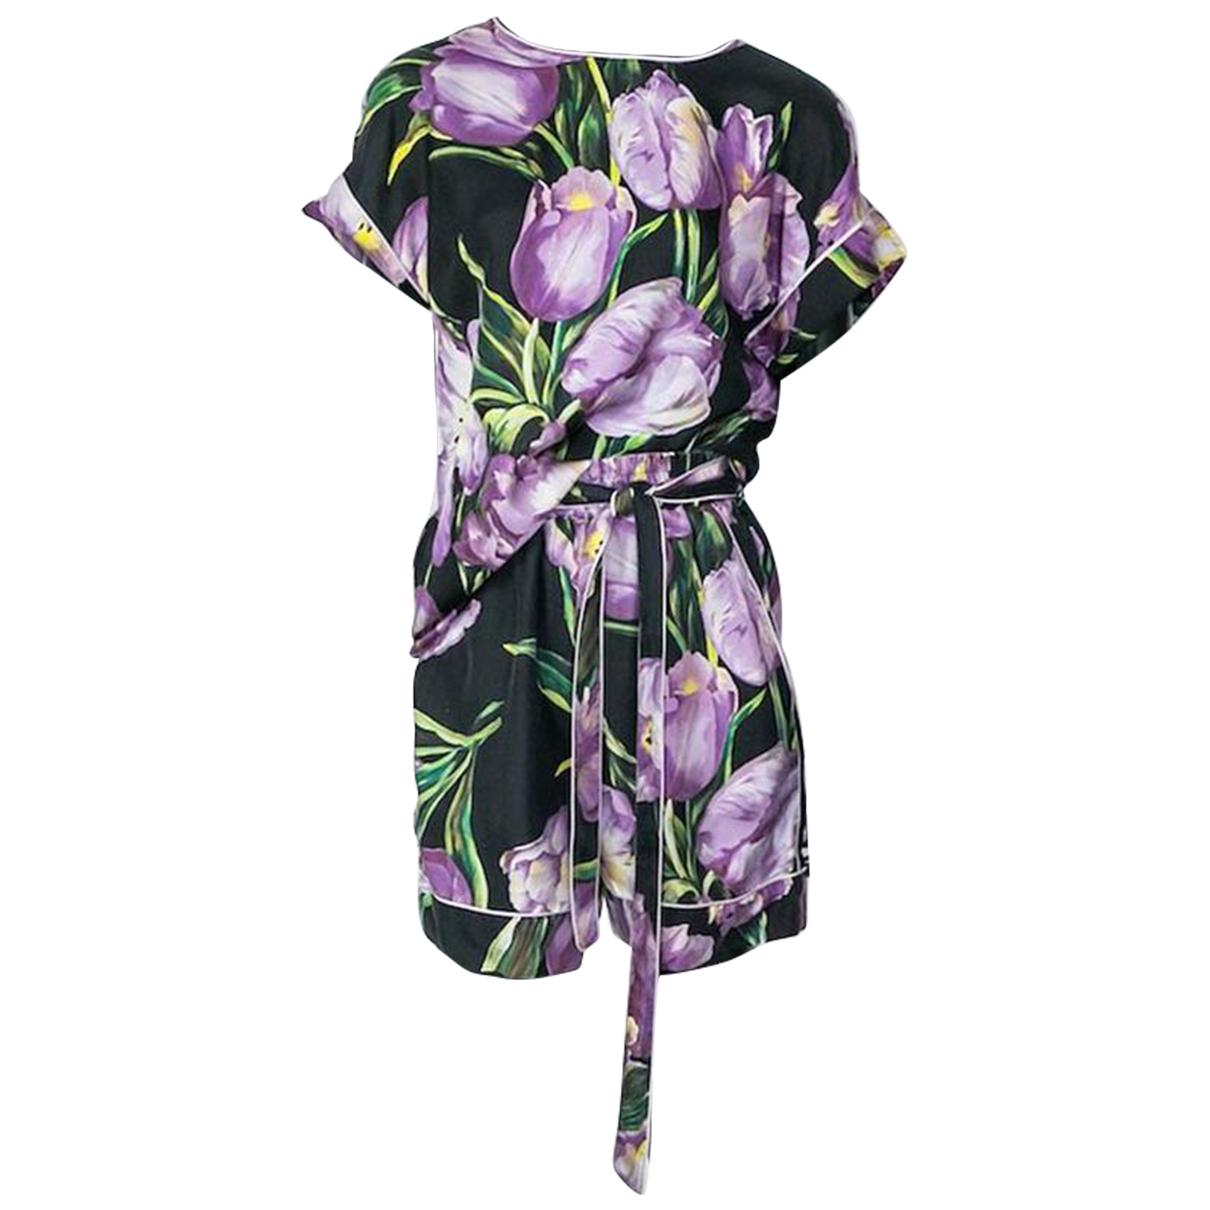 Dolce & Gabbana - Combinaison   pour femme - multicolore